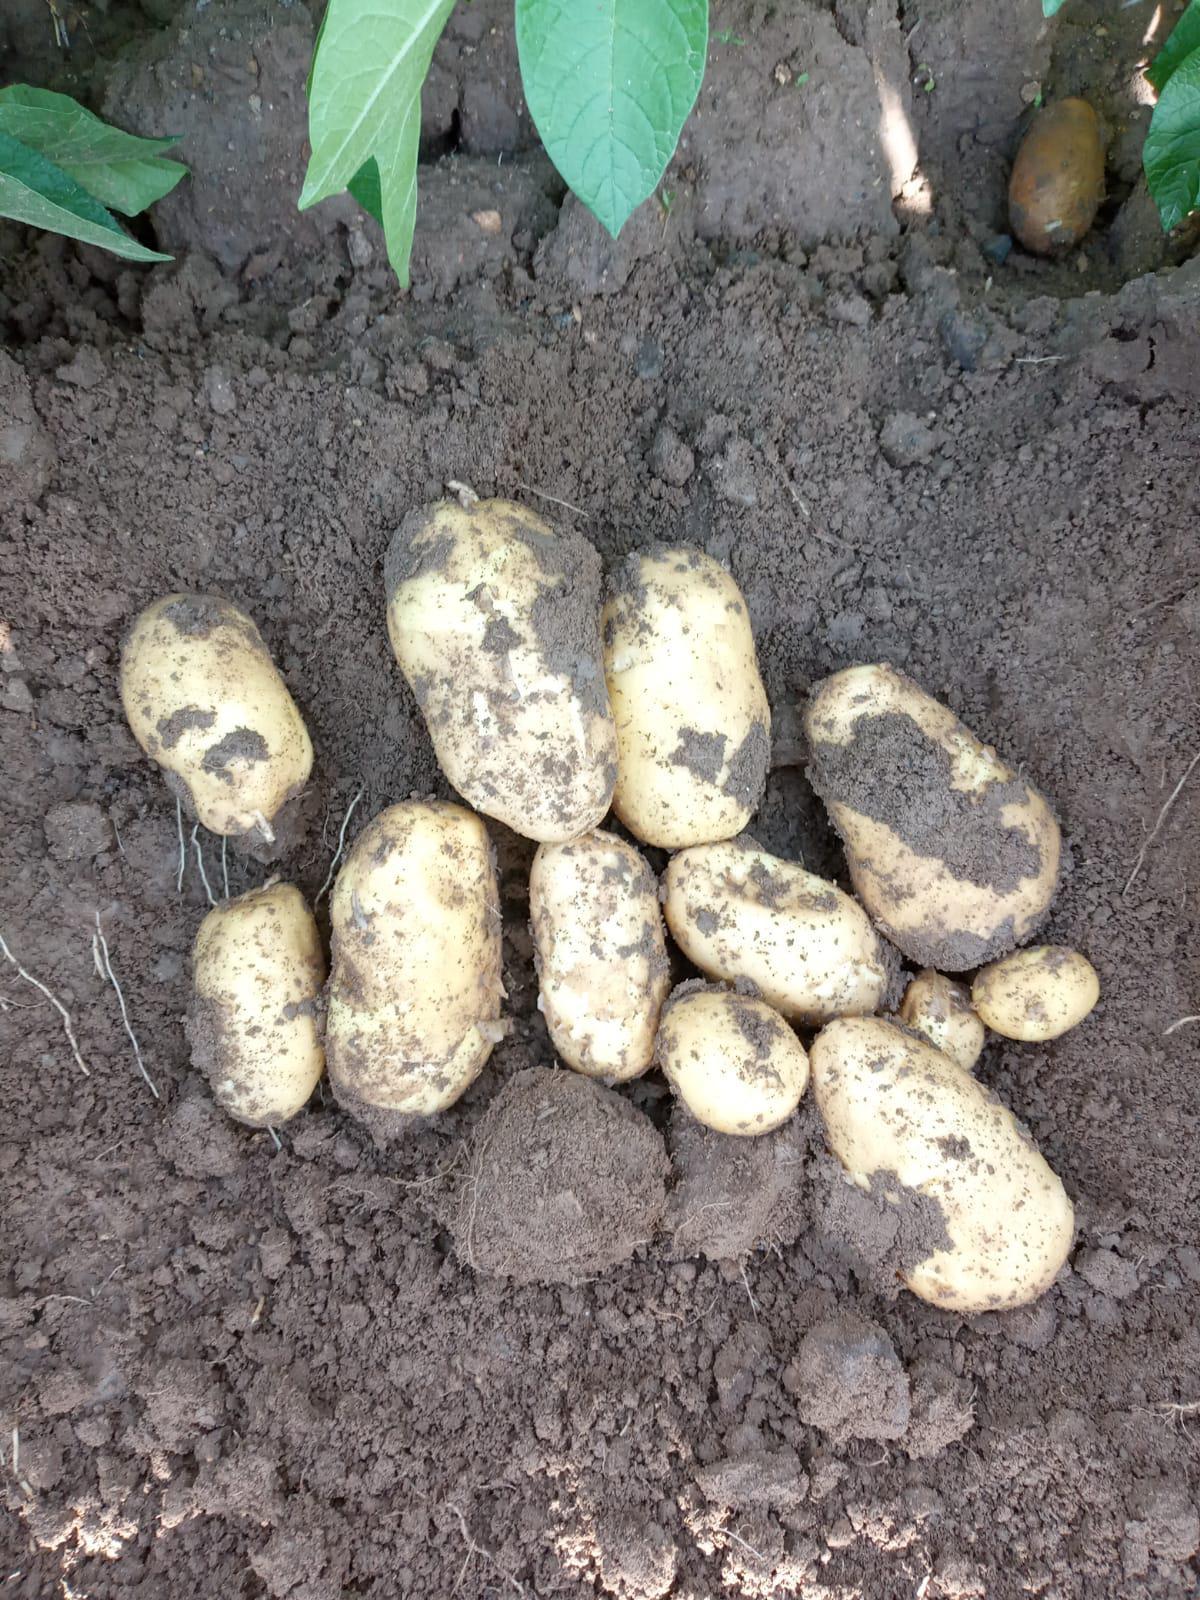 Patates - Üretici Tahsin Yigit 1.3 tl fiyat ile 300.000 kilogram marabel çeşidi patates satmak istiyor